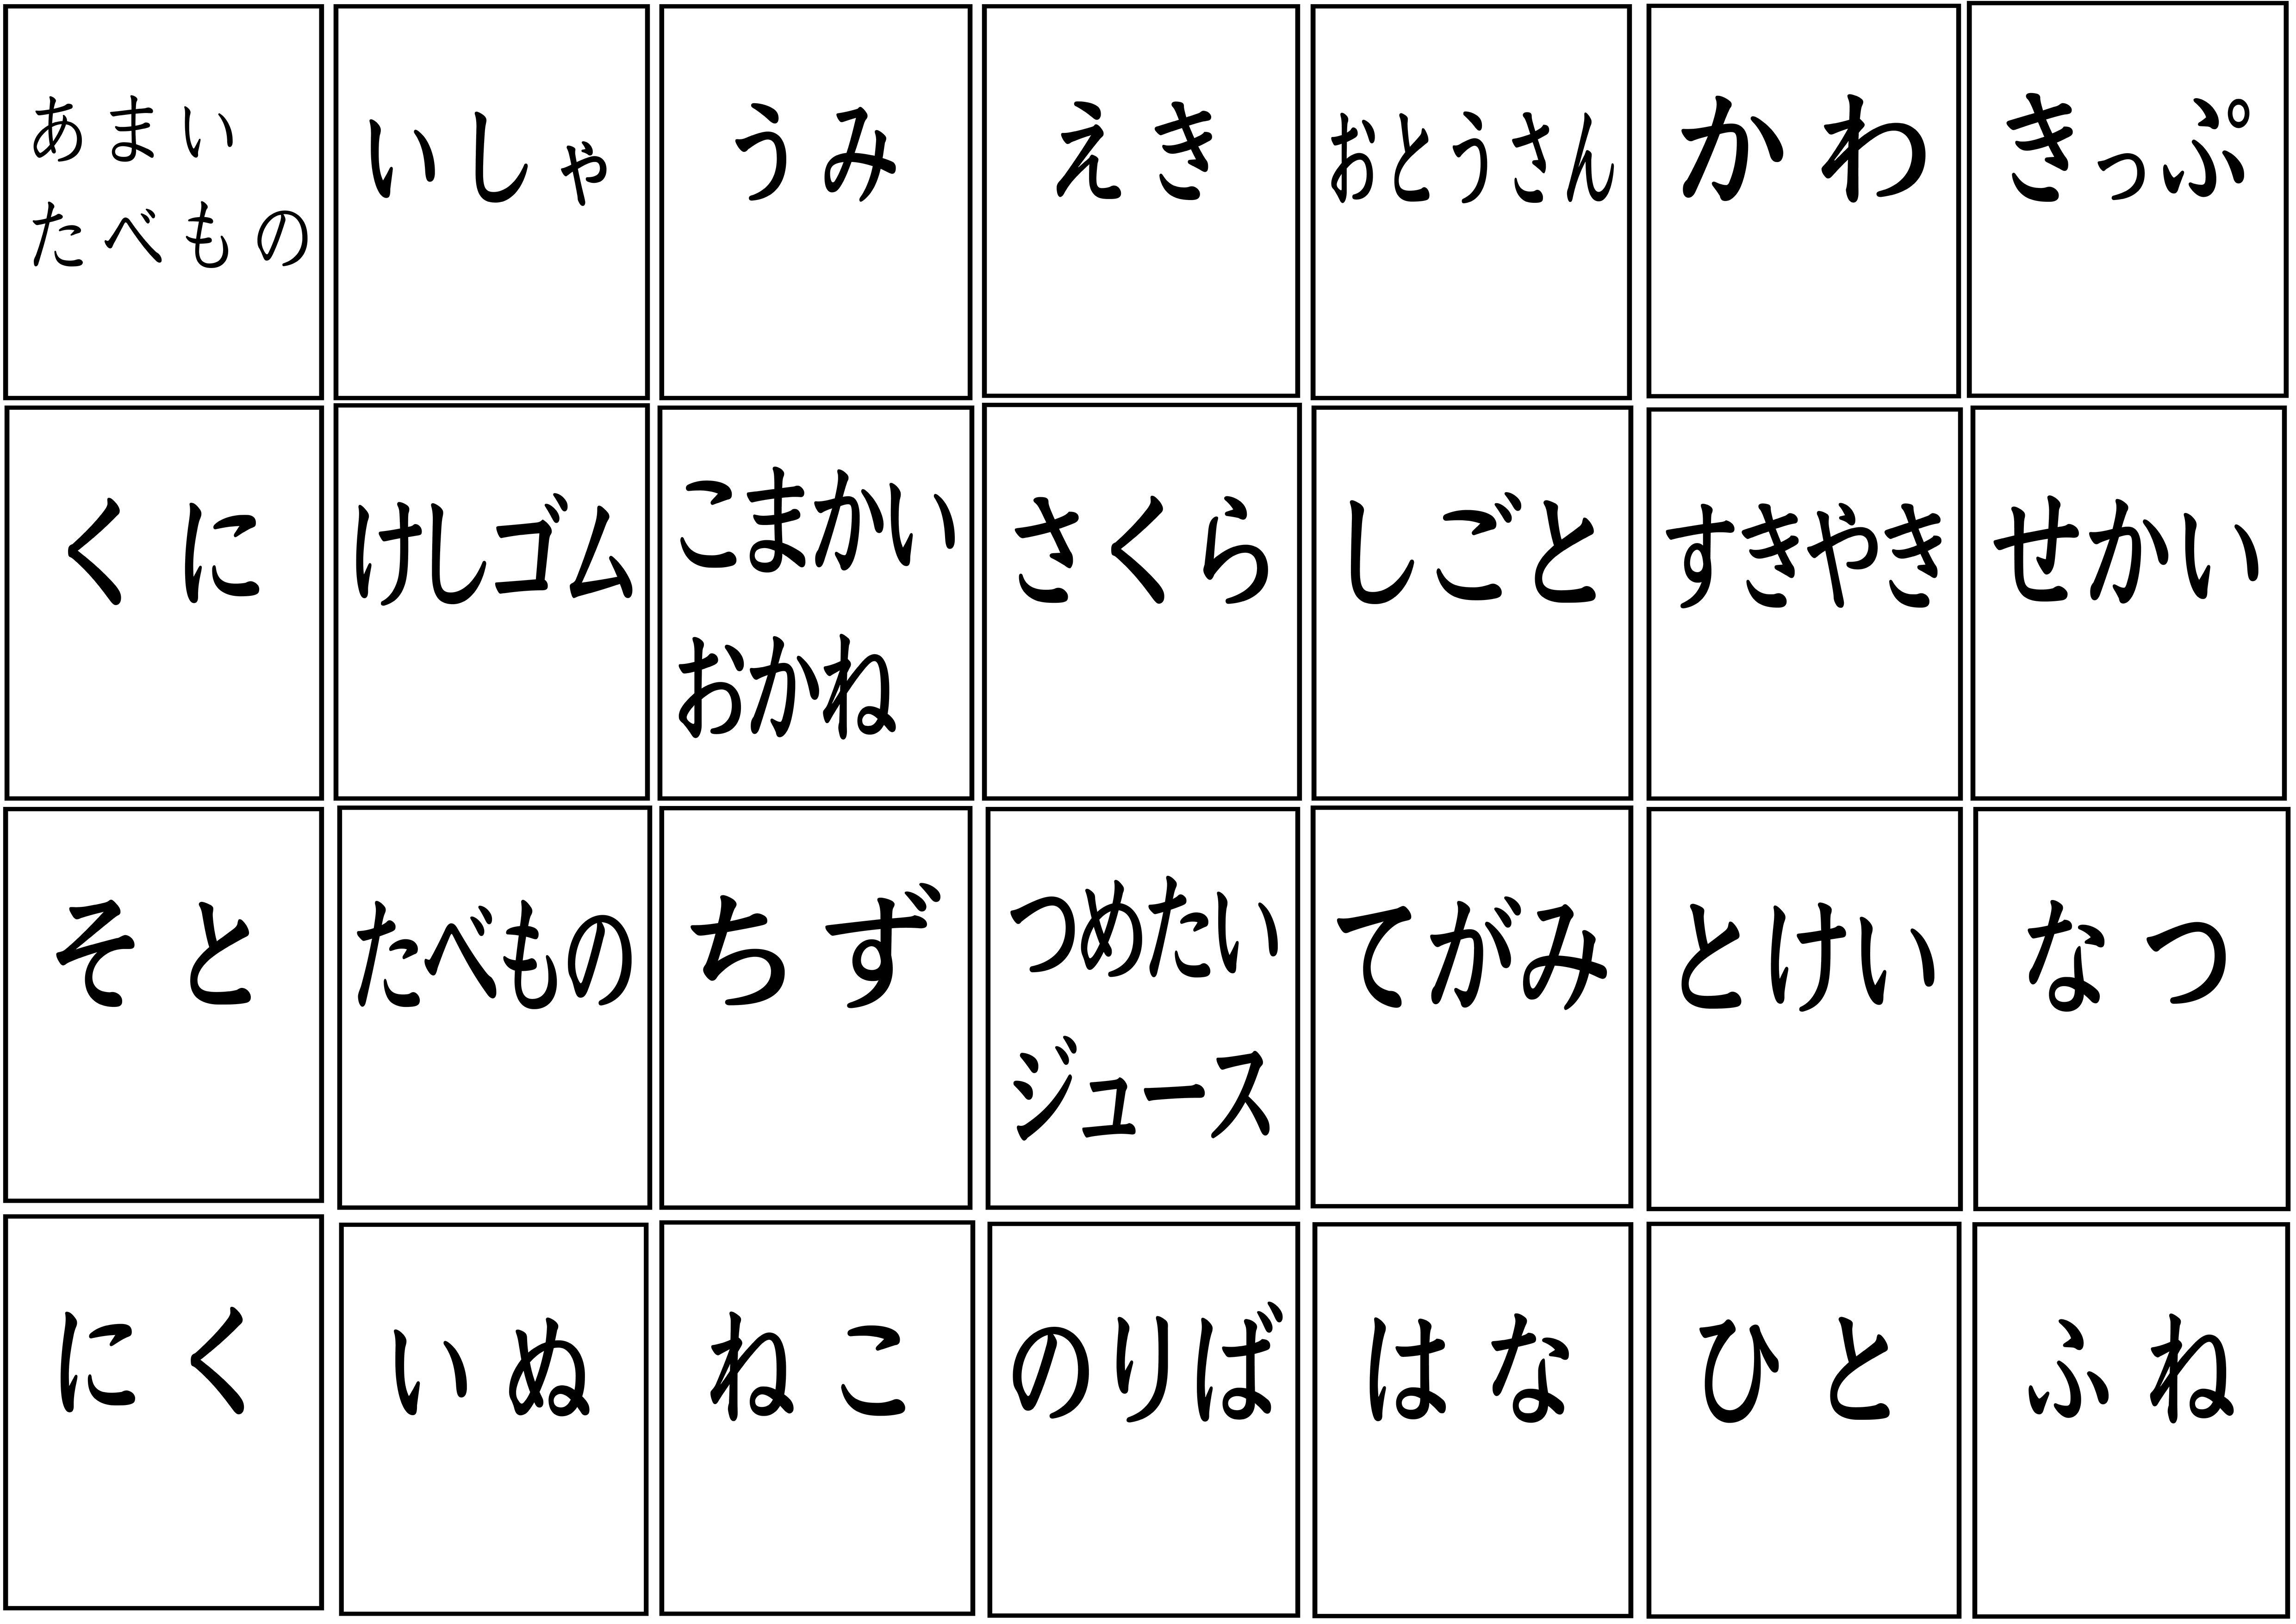 日本語教師学習教材【神経衰弱ゲーム】